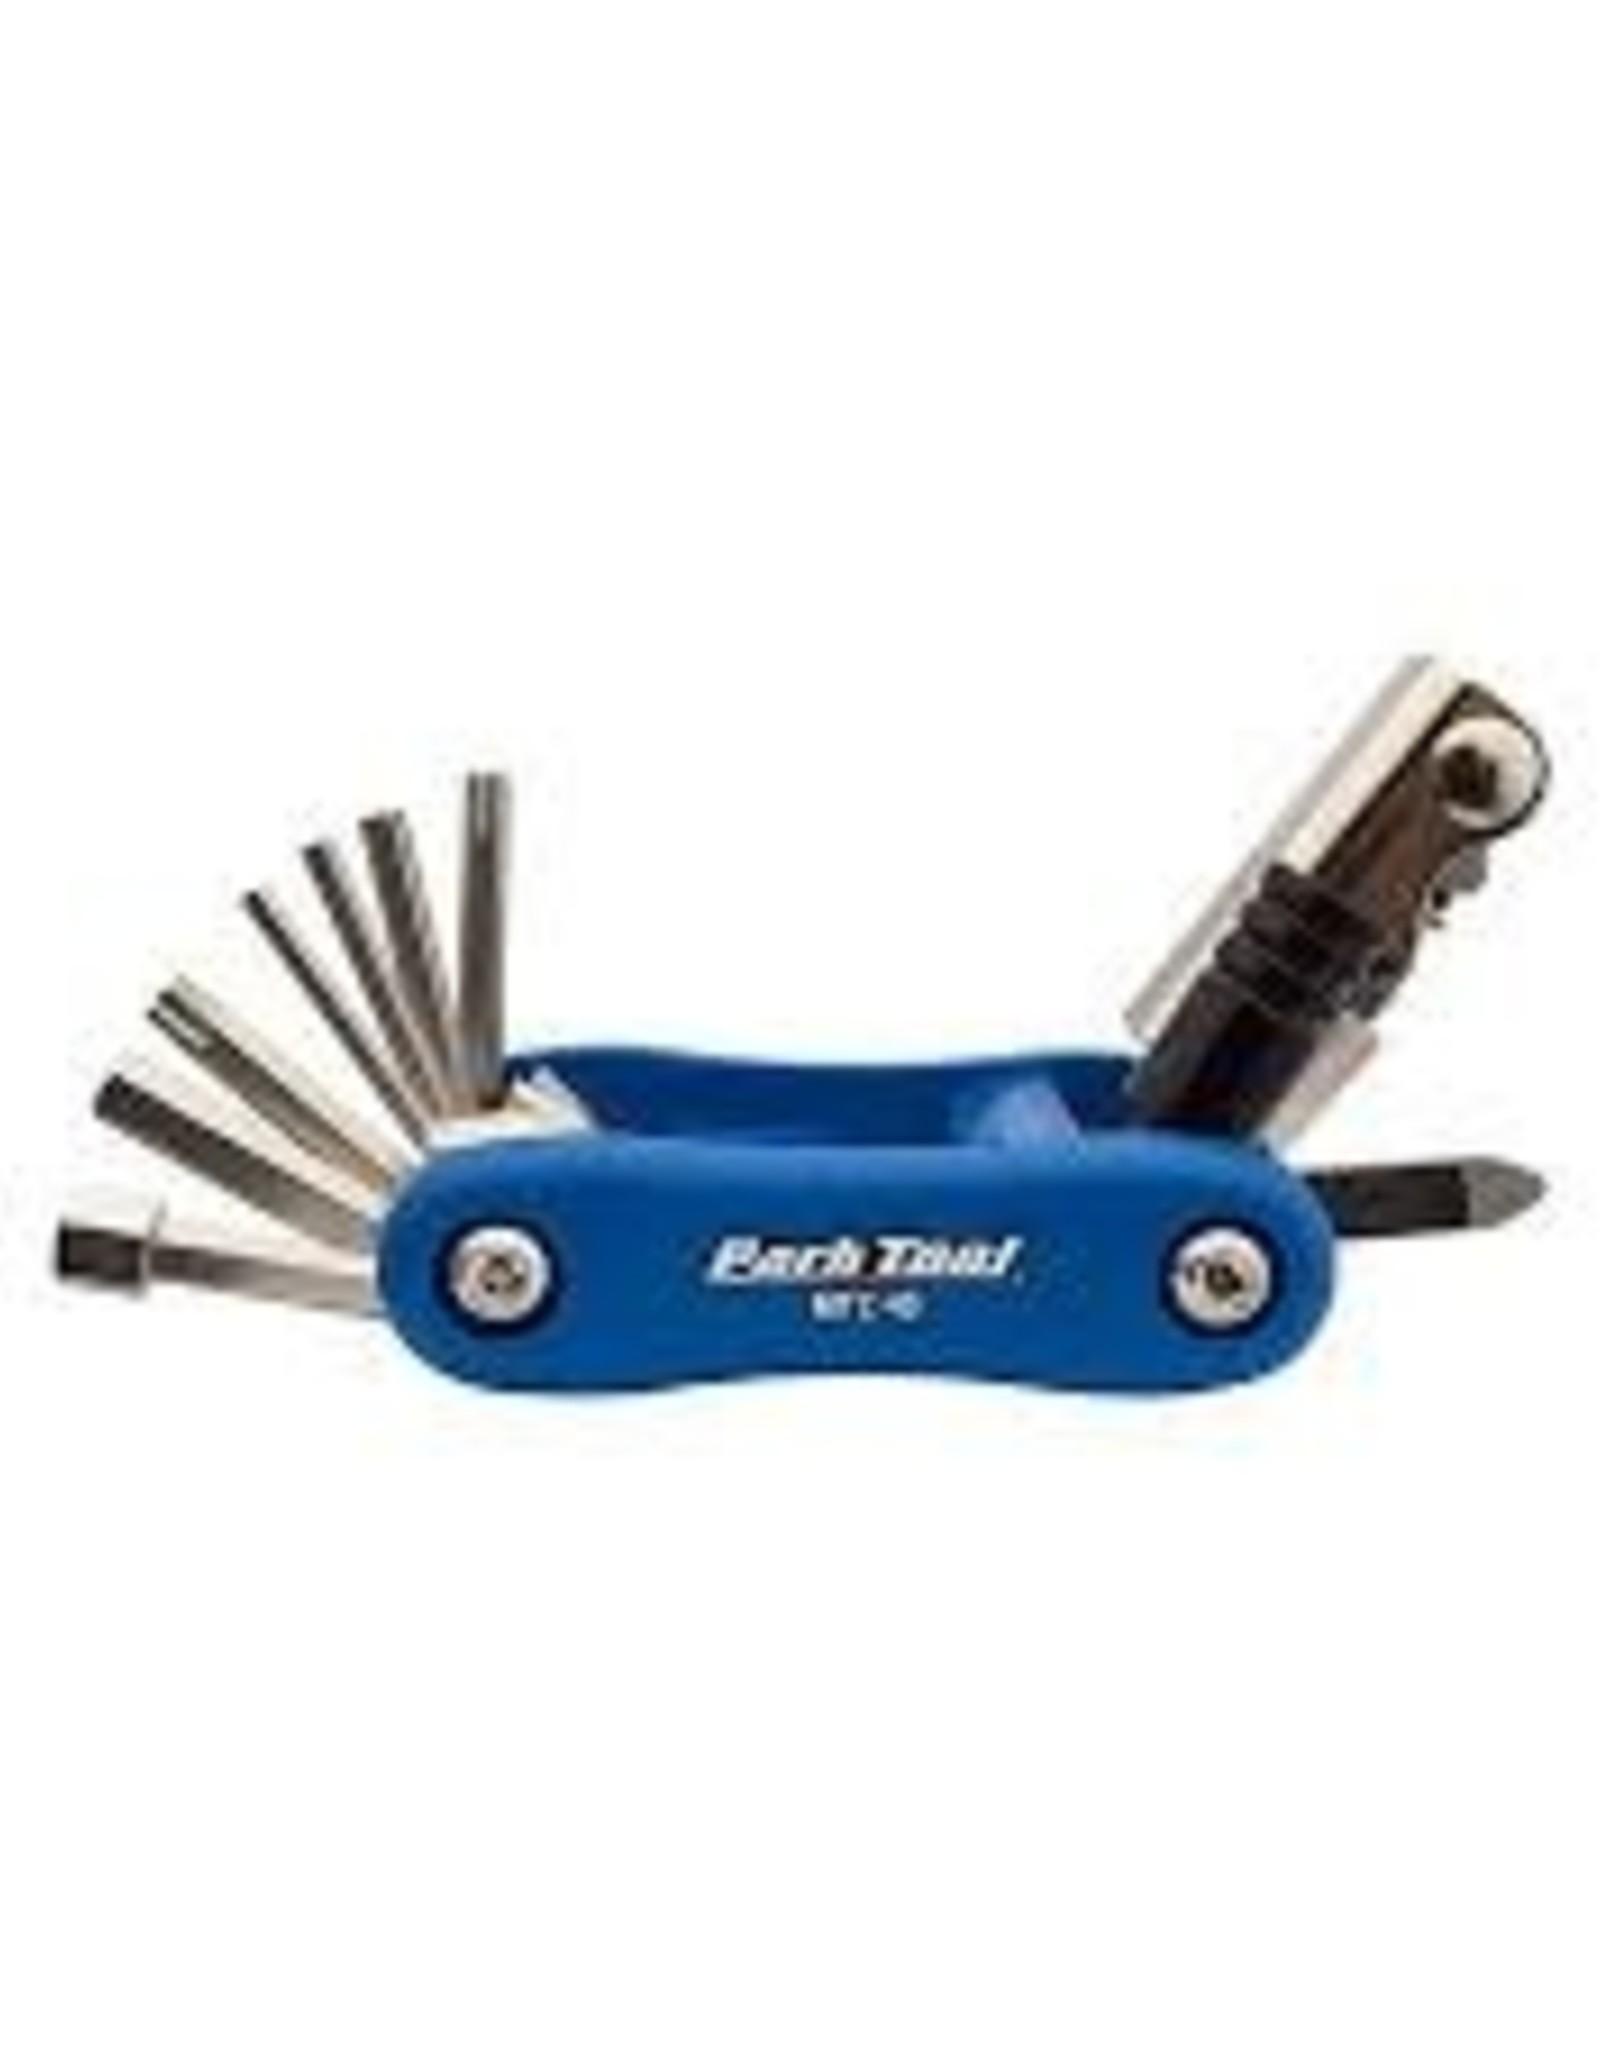 Park Tool MTC-40 Composite Multi-Function Tool